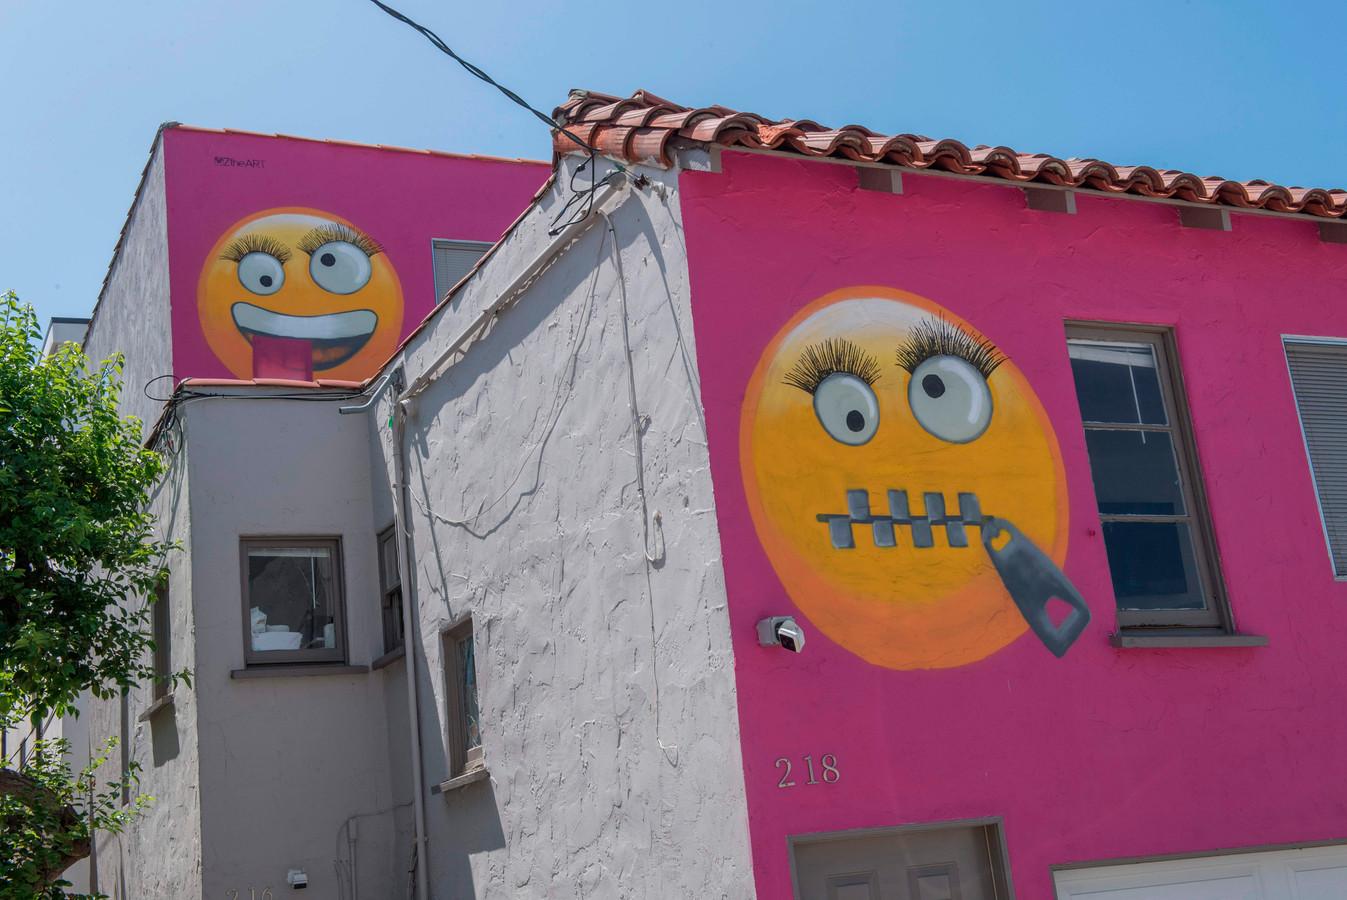 Les deux emojis géants scandalisent une riveraine, qui se sent visée par sa voisine